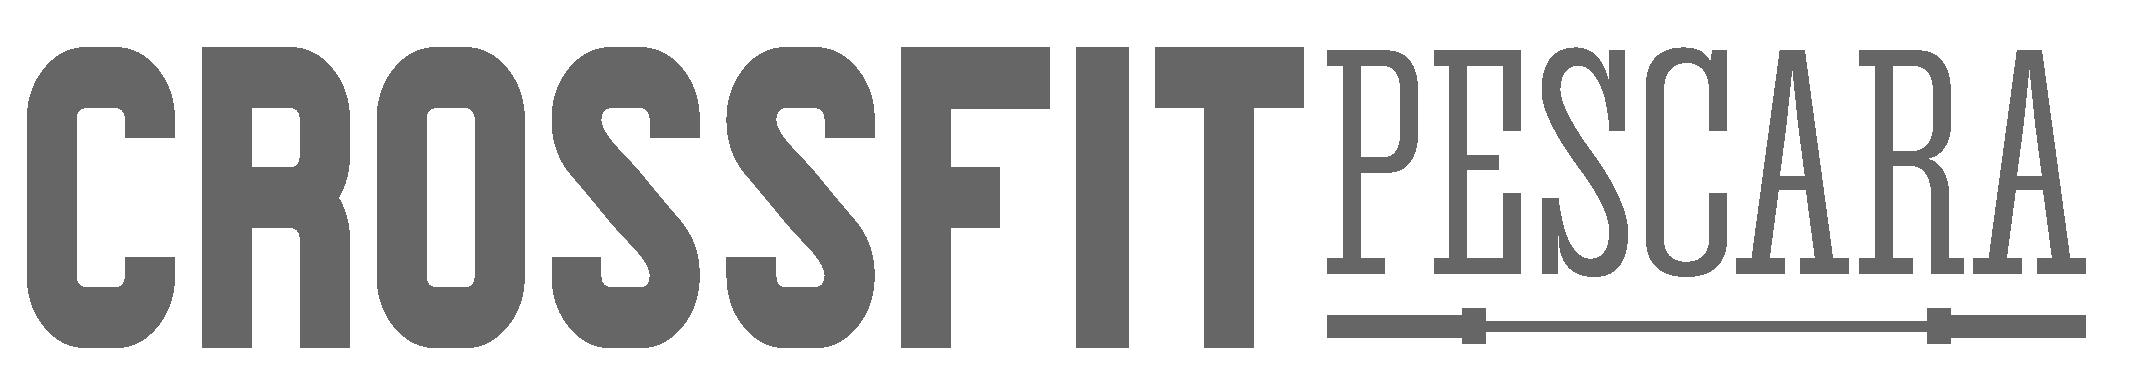 CrossFit pescara -